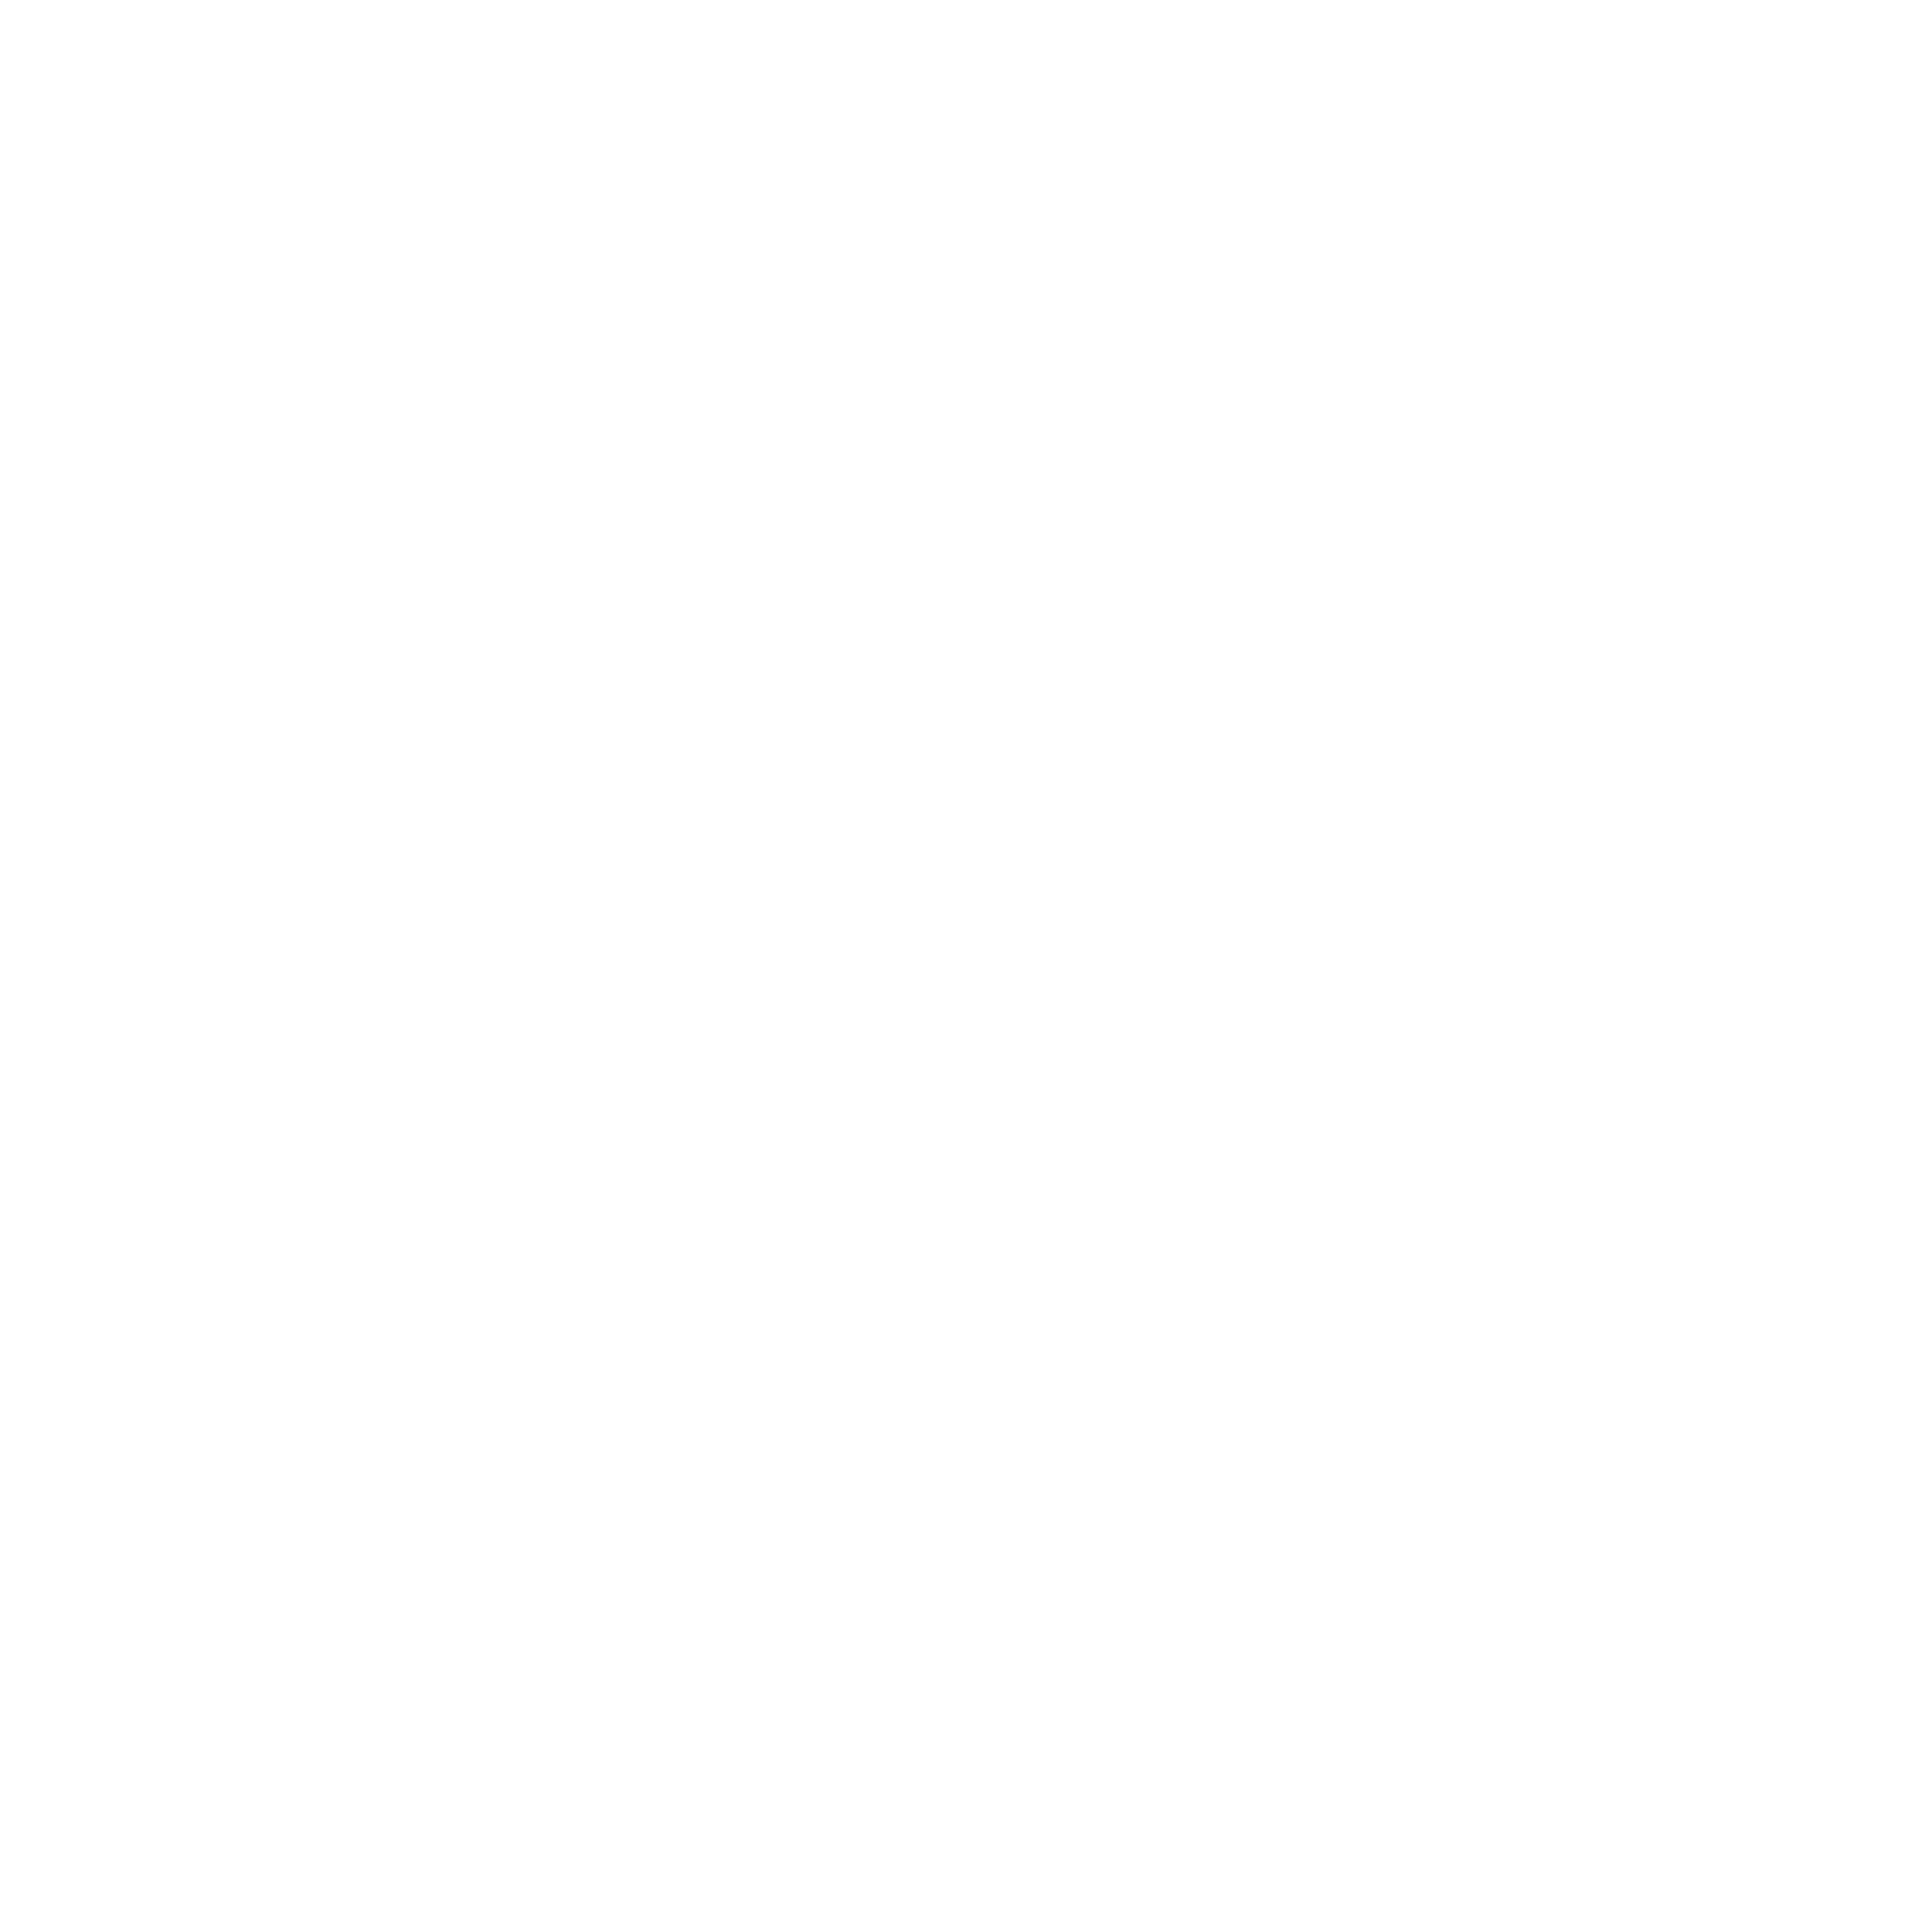 Misha_logo-16.png